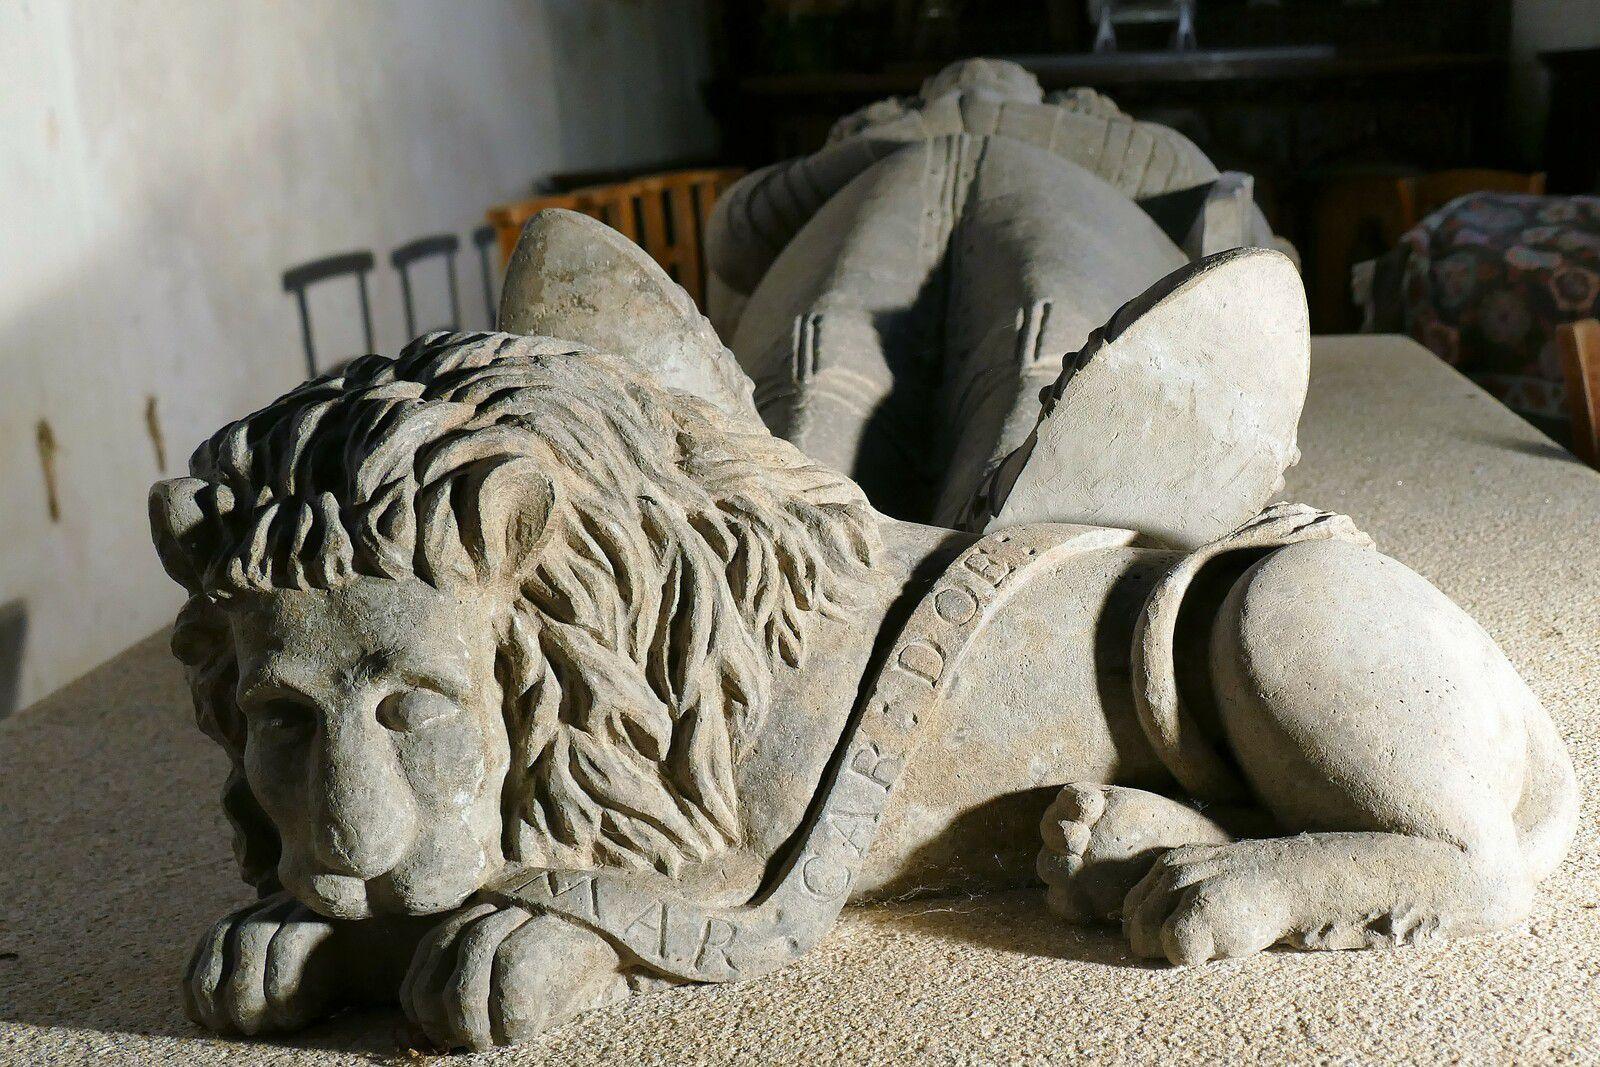 Le gisant (kersanton, 1638, Roland Doré) d'Auffray du Chastel en l'église de Landeleau. Photographie lavieb-aile 4 août 2021.